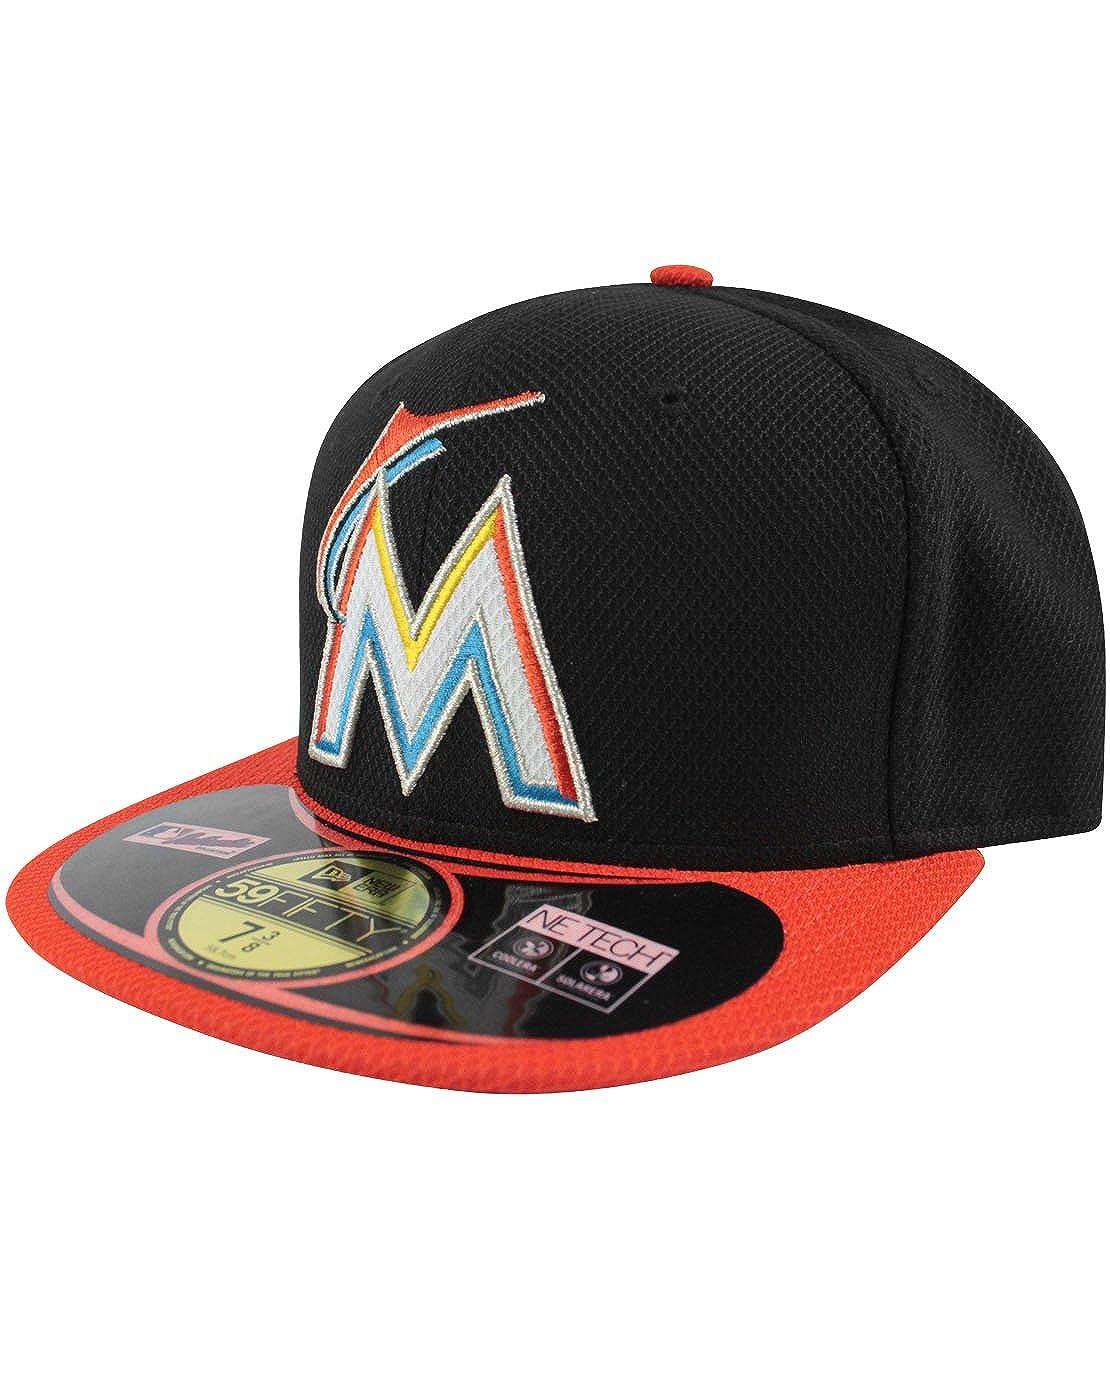 Amazon.com  New Era 59Fifty MLB Miami Marlins Cap (7)  Clothing c7b32fbd6a57